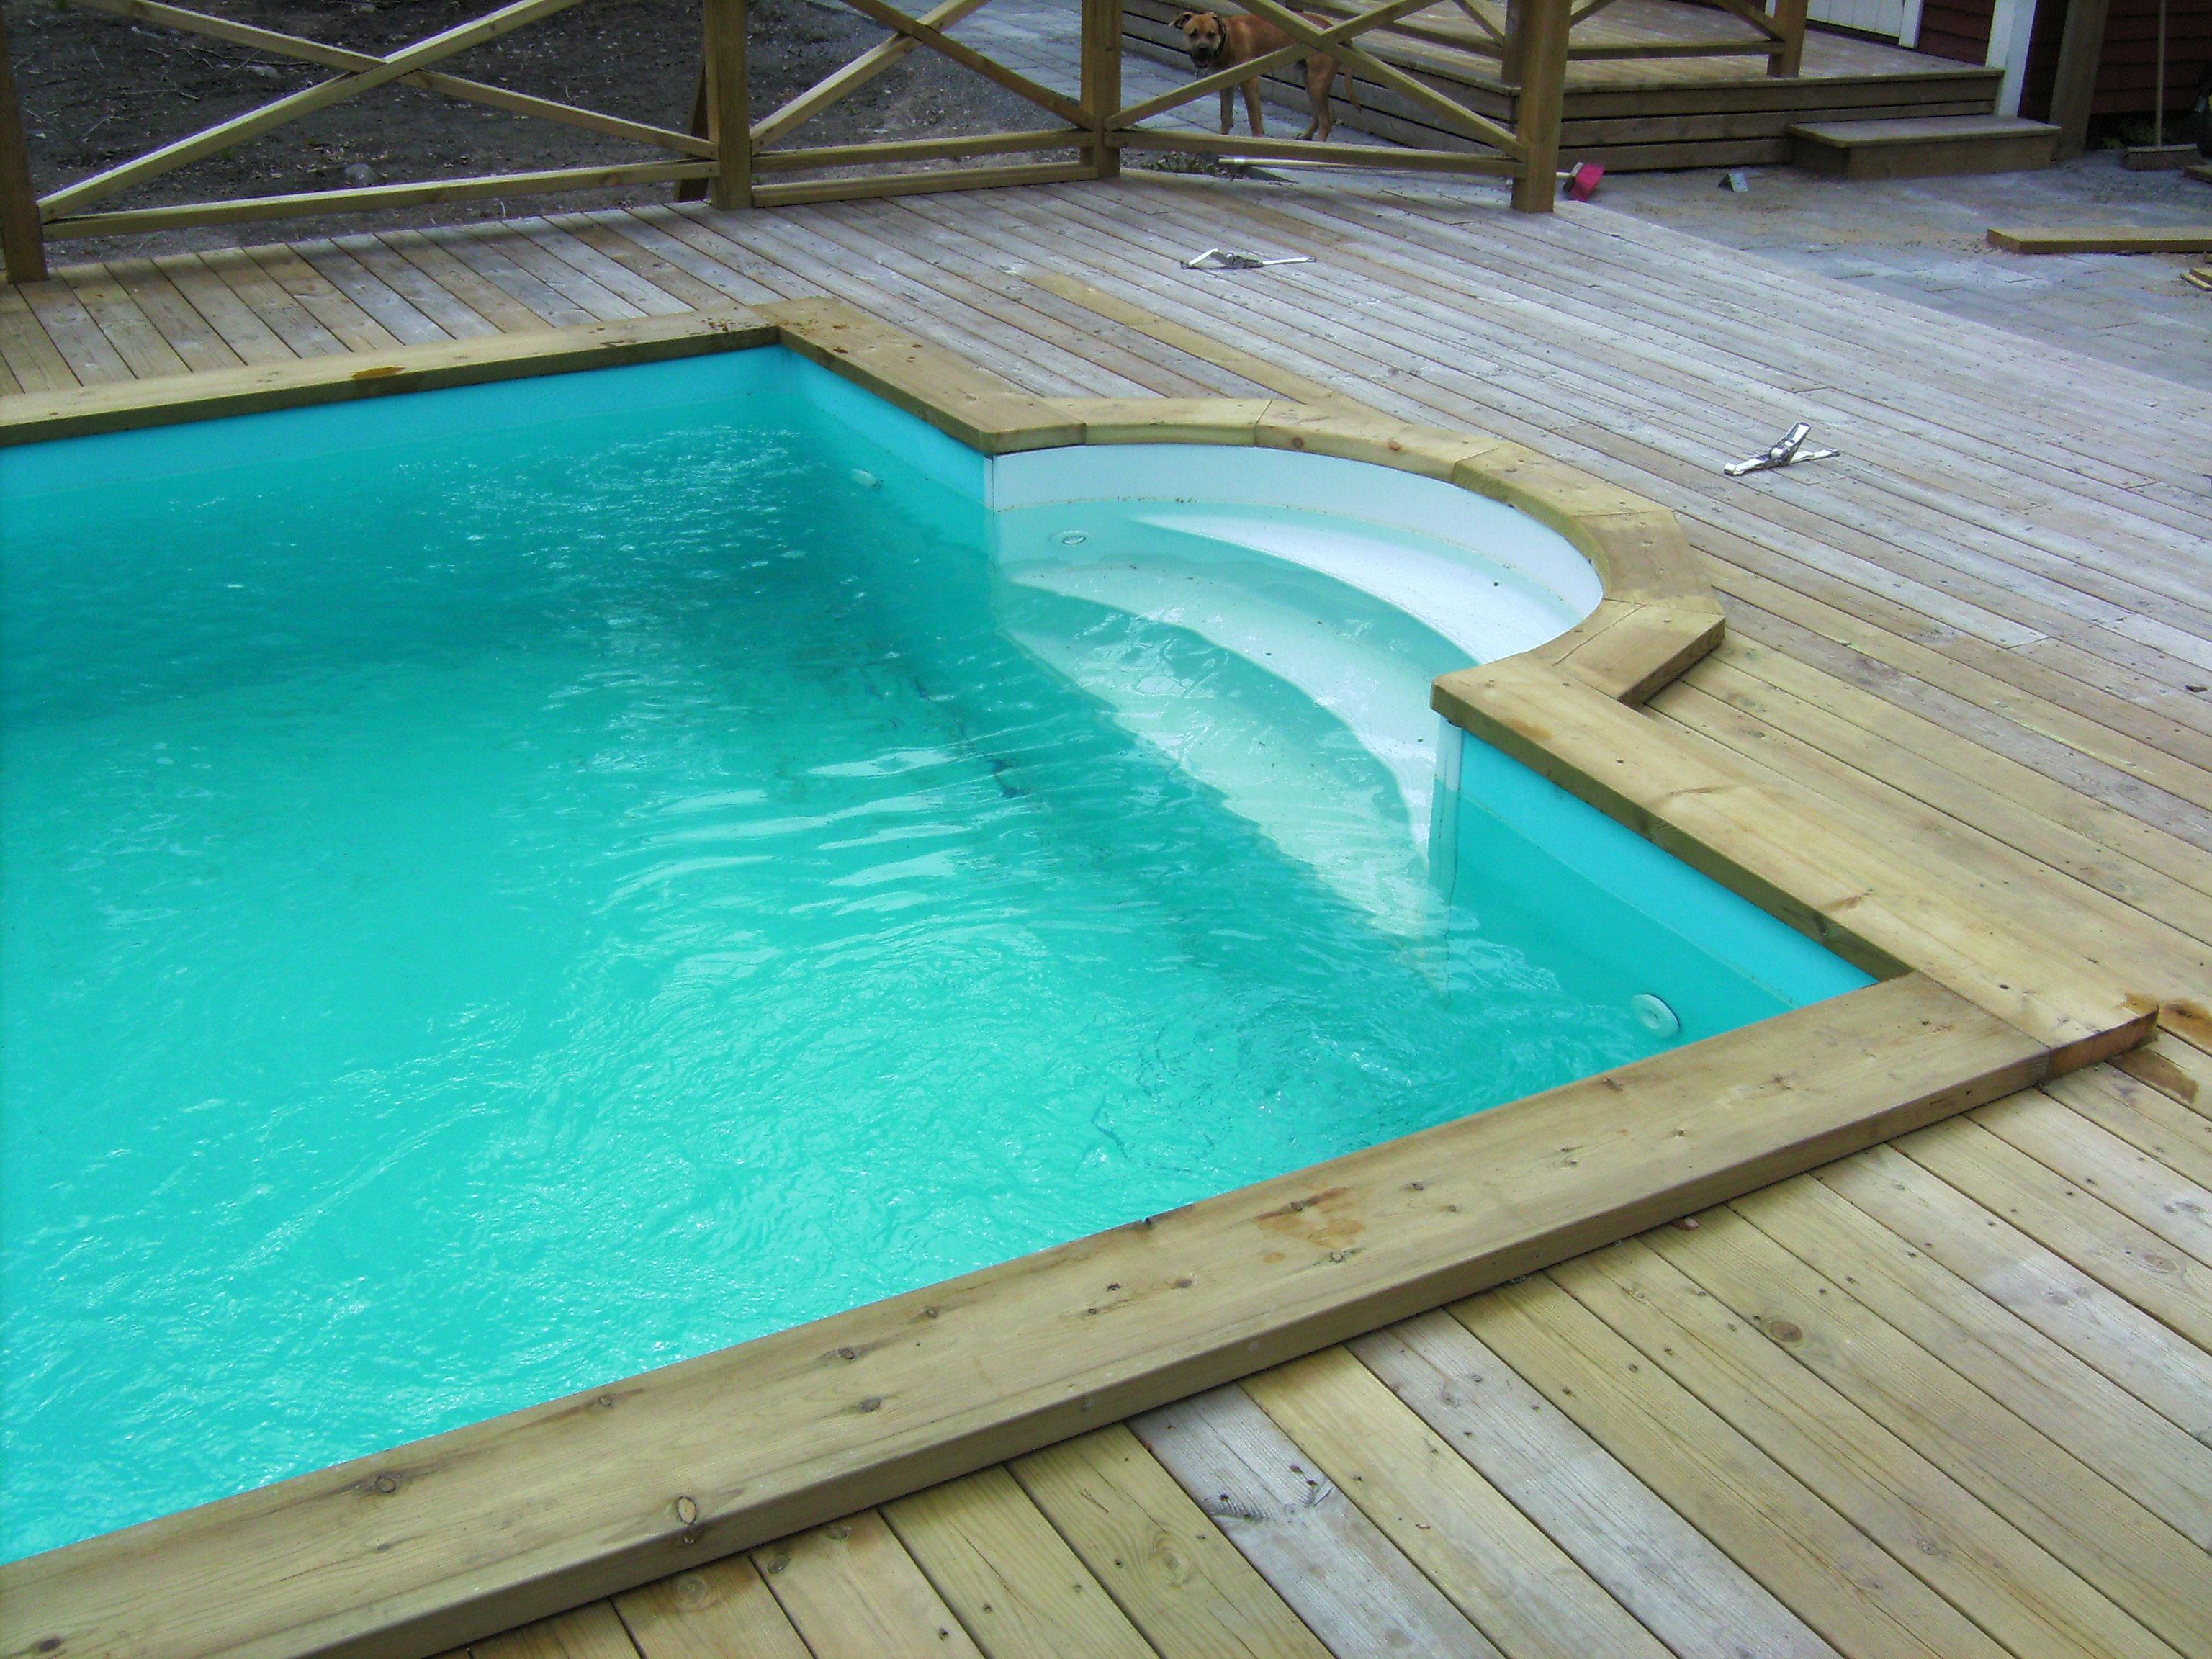 betongpool utomhus och inomhus pool fr n pool4u. Black Bedroom Furniture Sets. Home Design Ideas